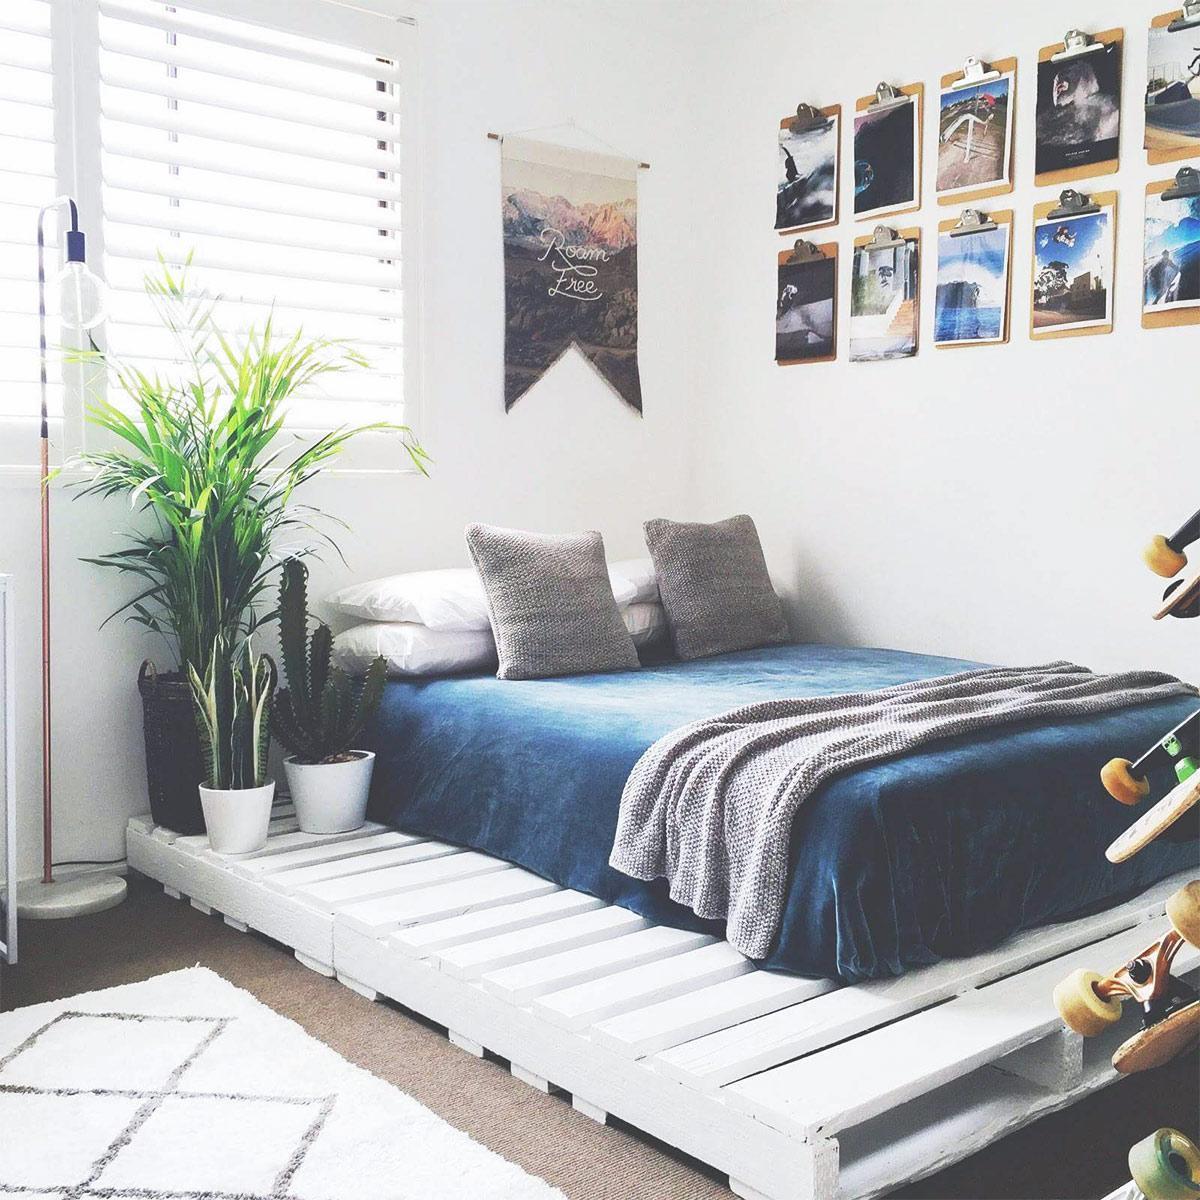 tự trang trí phòng ngủ của bạn bằng tranh ảnh